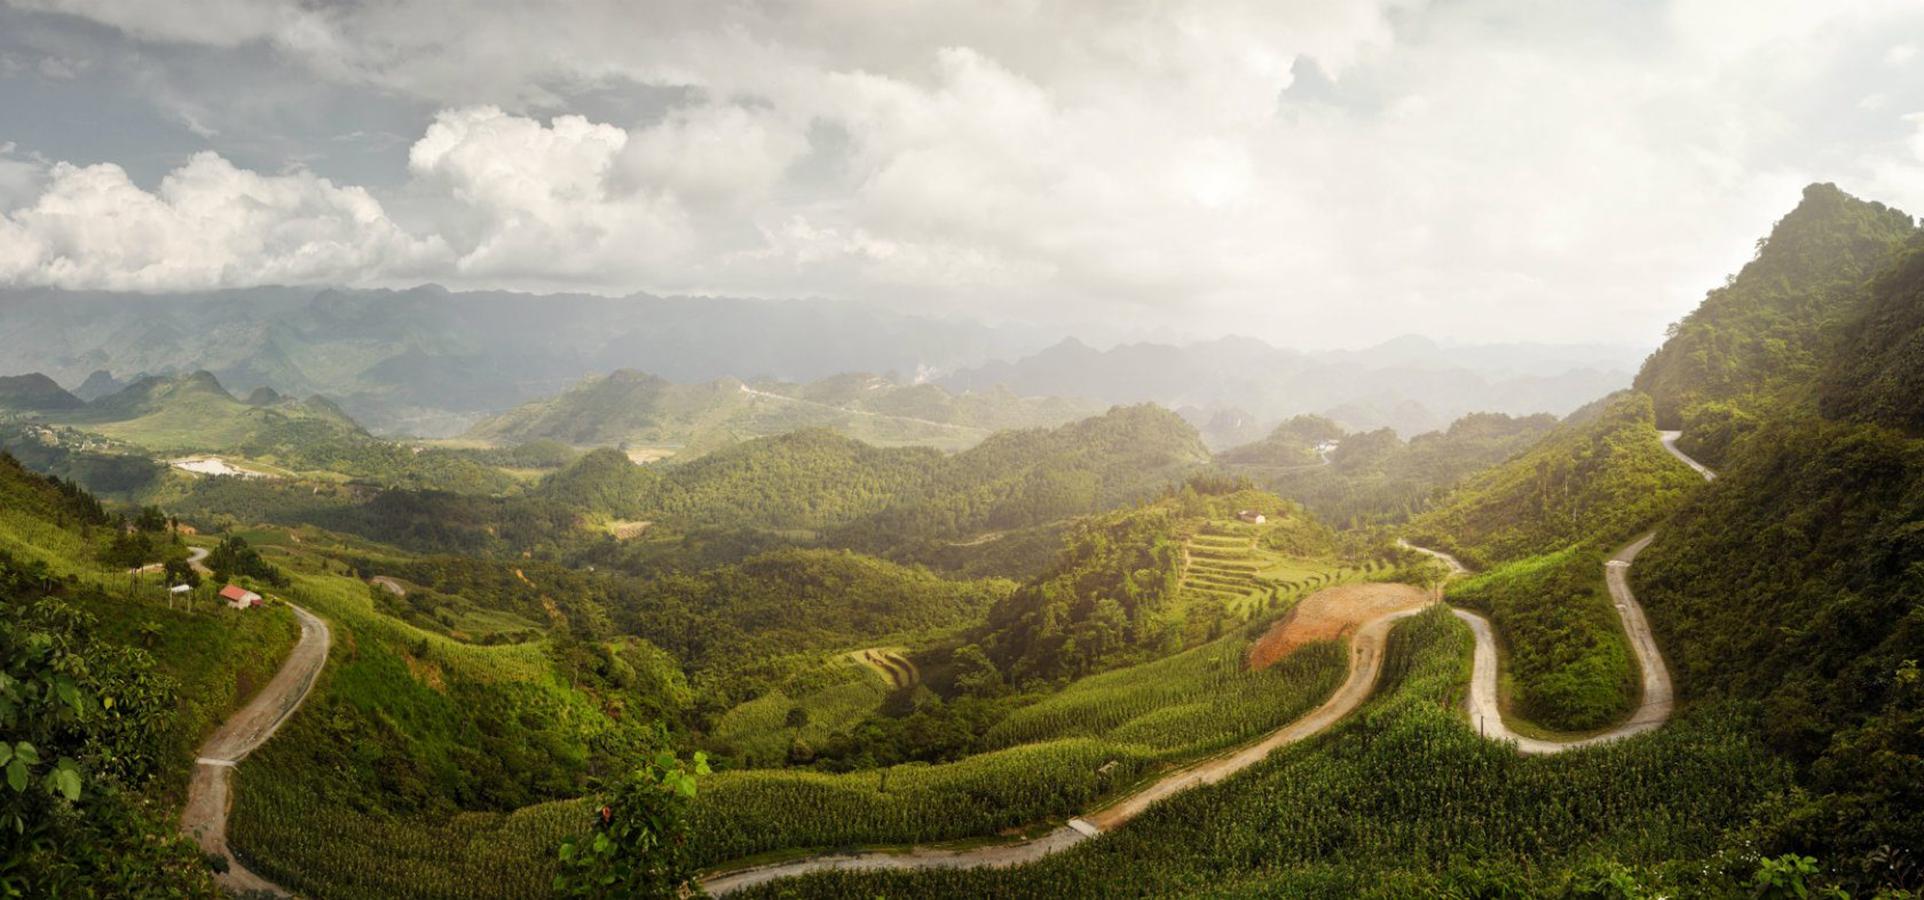 10 điểm đến đẹp nhất Việt Nam do khách Tây bình chọn - 7